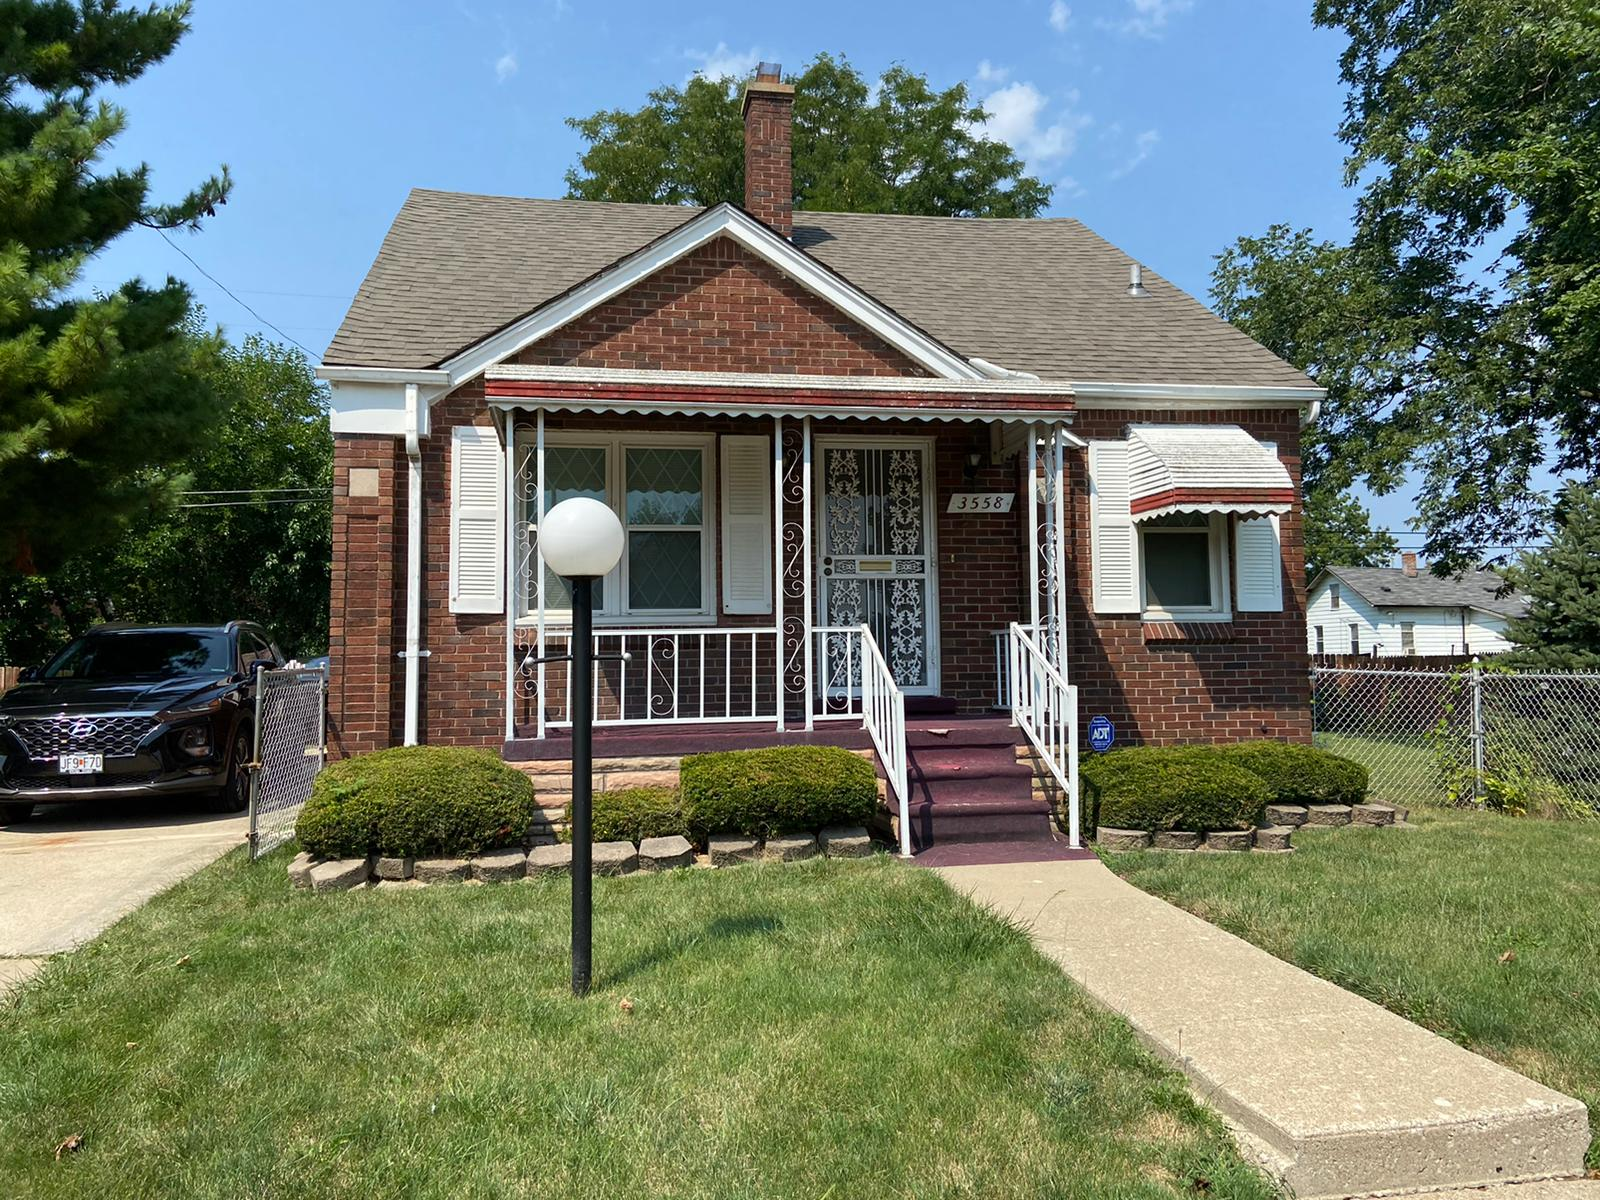 Foto de 3558 S. Beatrice, Detroit, MI, 48217